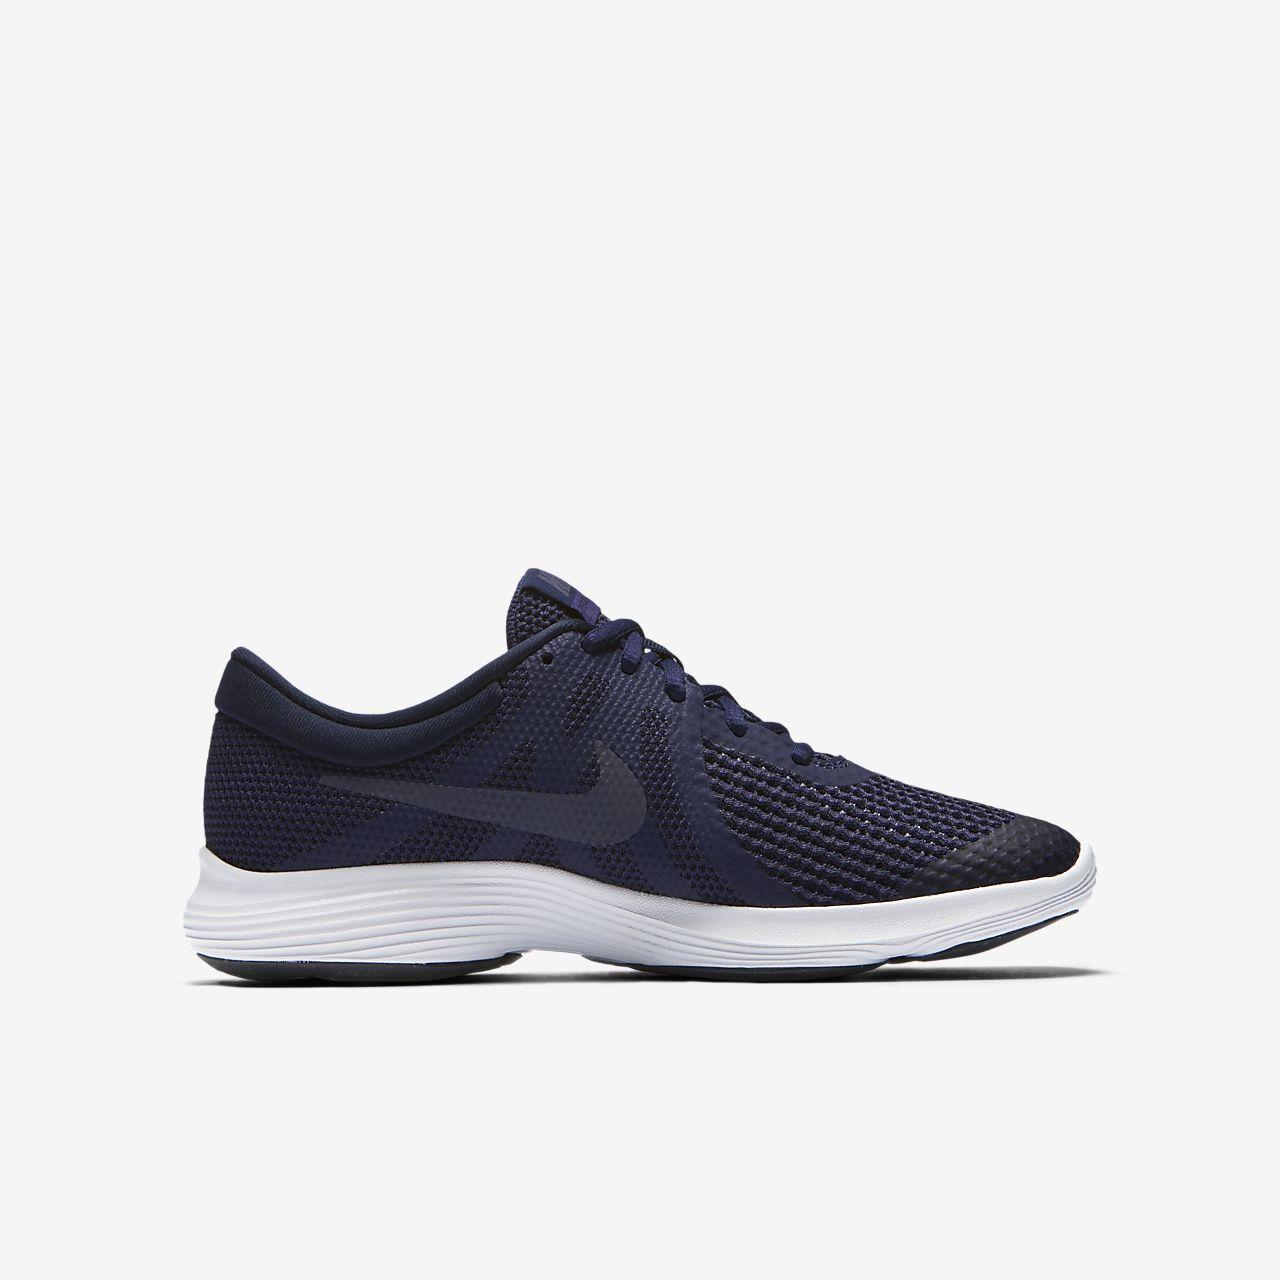 the best attitude 0be04 b5783 ... Nike Revolution 4 Genç Çocuk Koşu Ayakkabısı